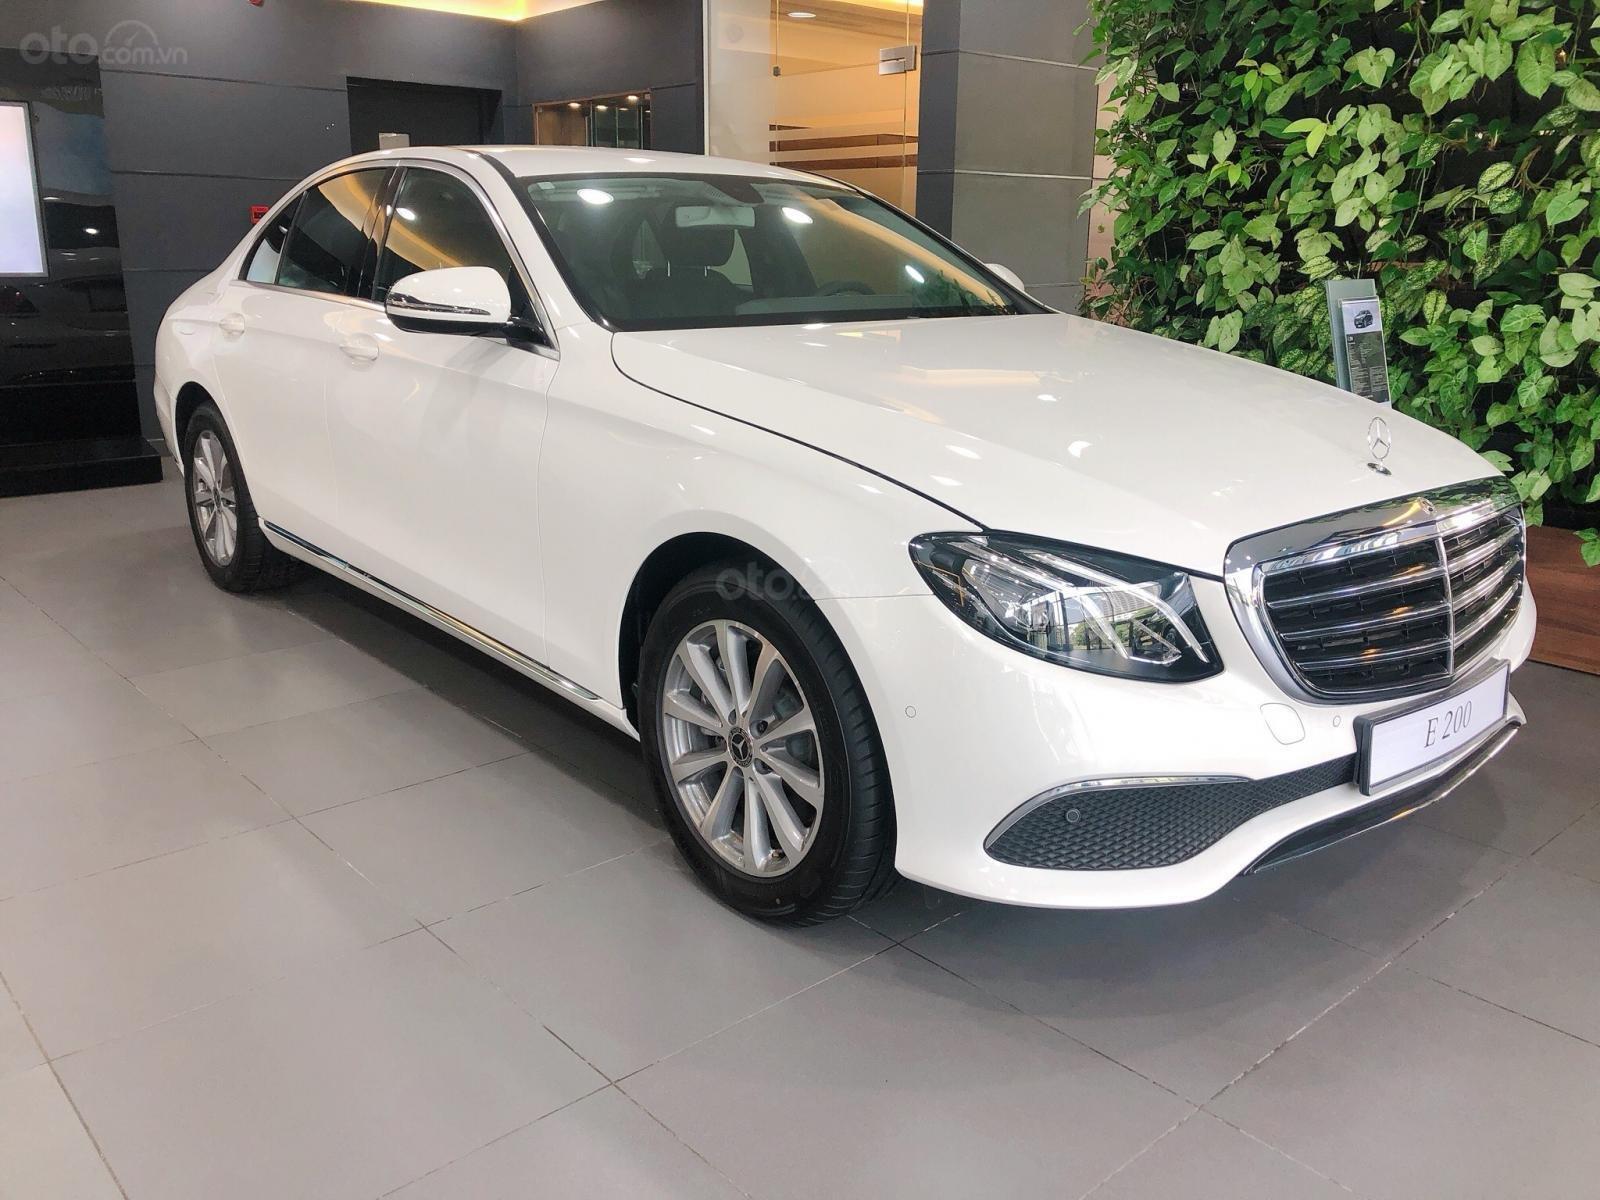 Mercedes E200 2019 đủ màu, giao ngay tại Mercedes Phú Mỹ Hưng (1)